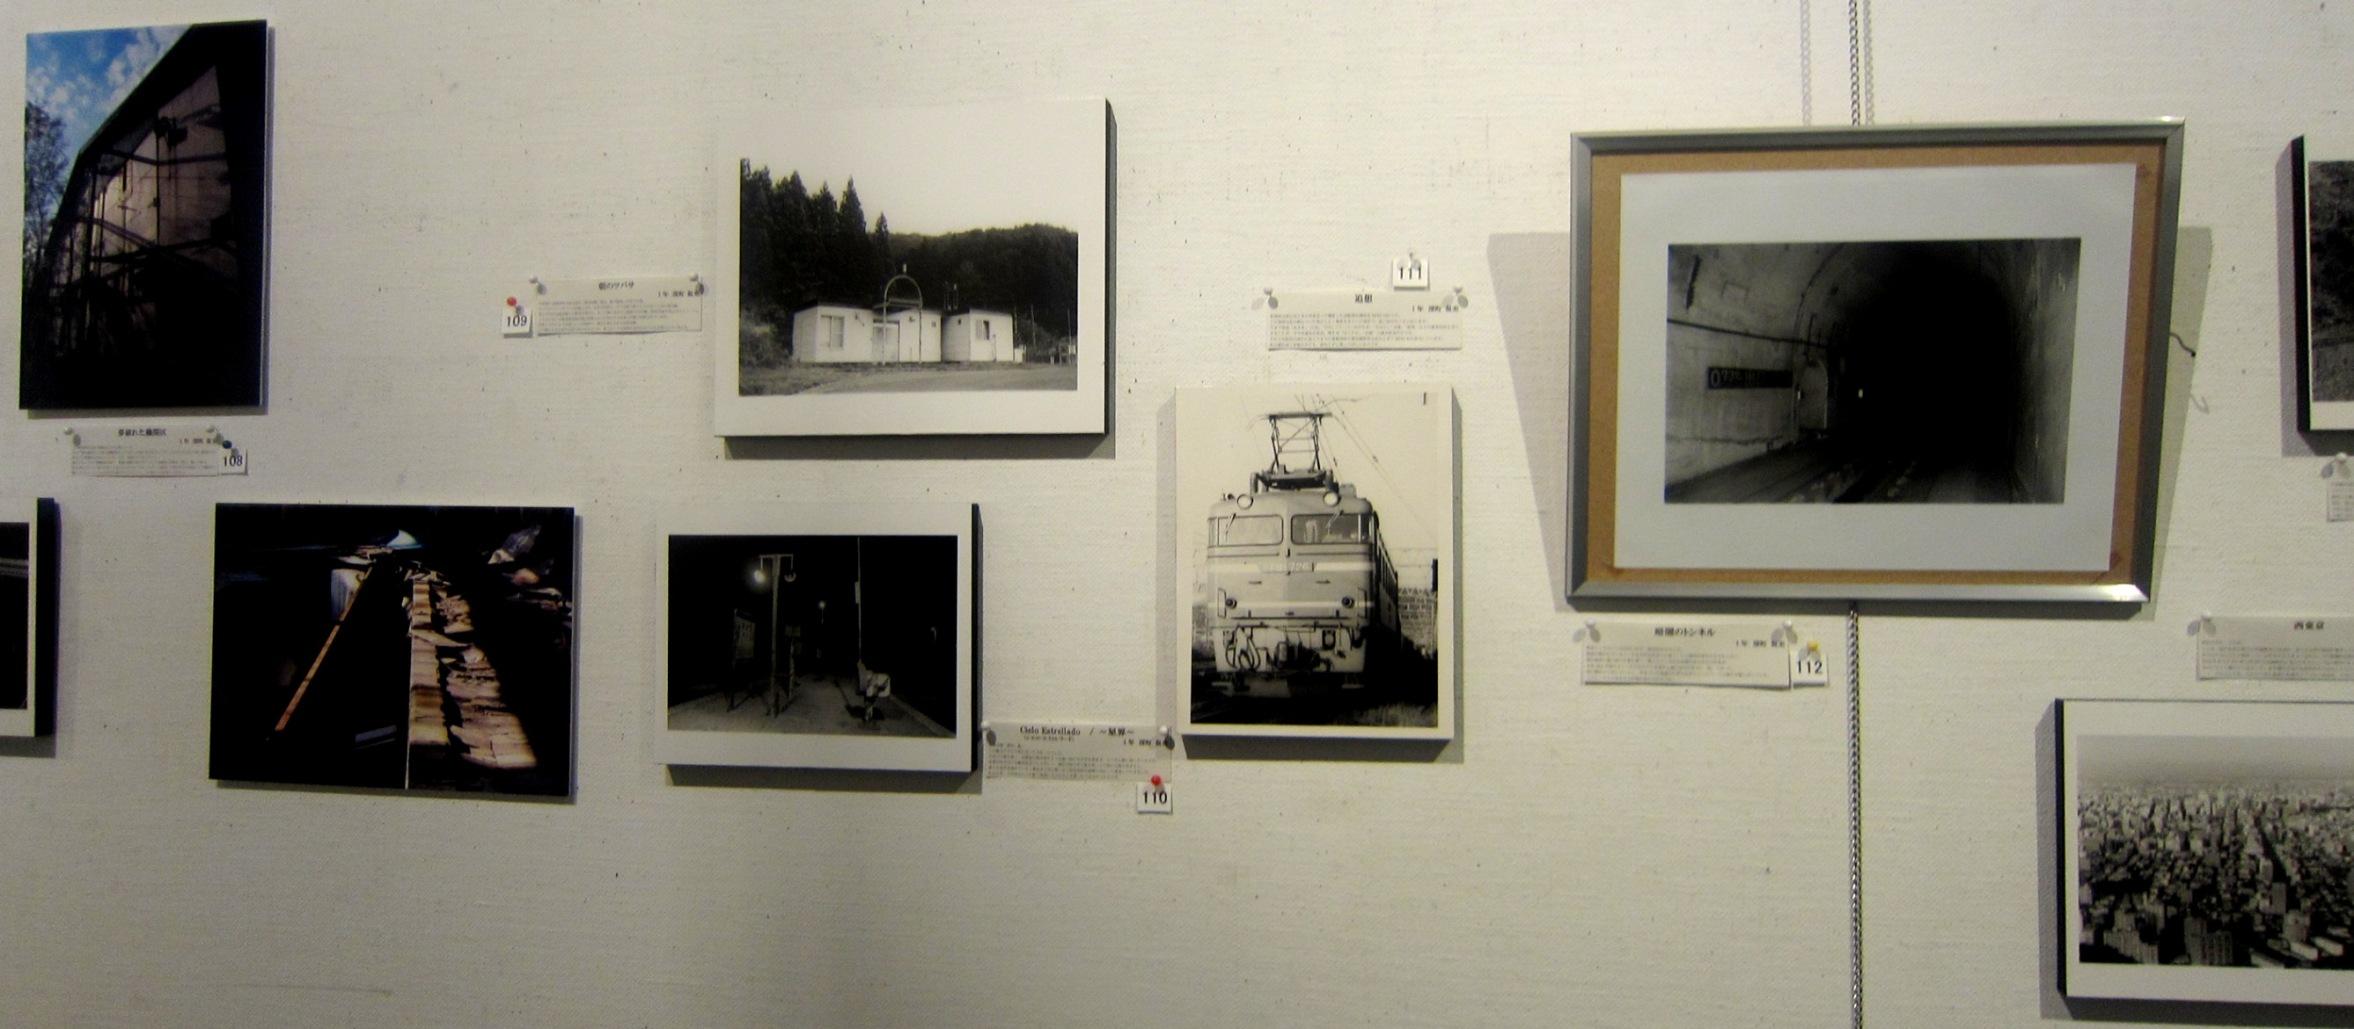 1943)①「札幌大学写真部 卒業写真展 & 学外写真展」 市民g. 終了2月20日(水)~2月24日(日)  _f0126829_21301129.jpg